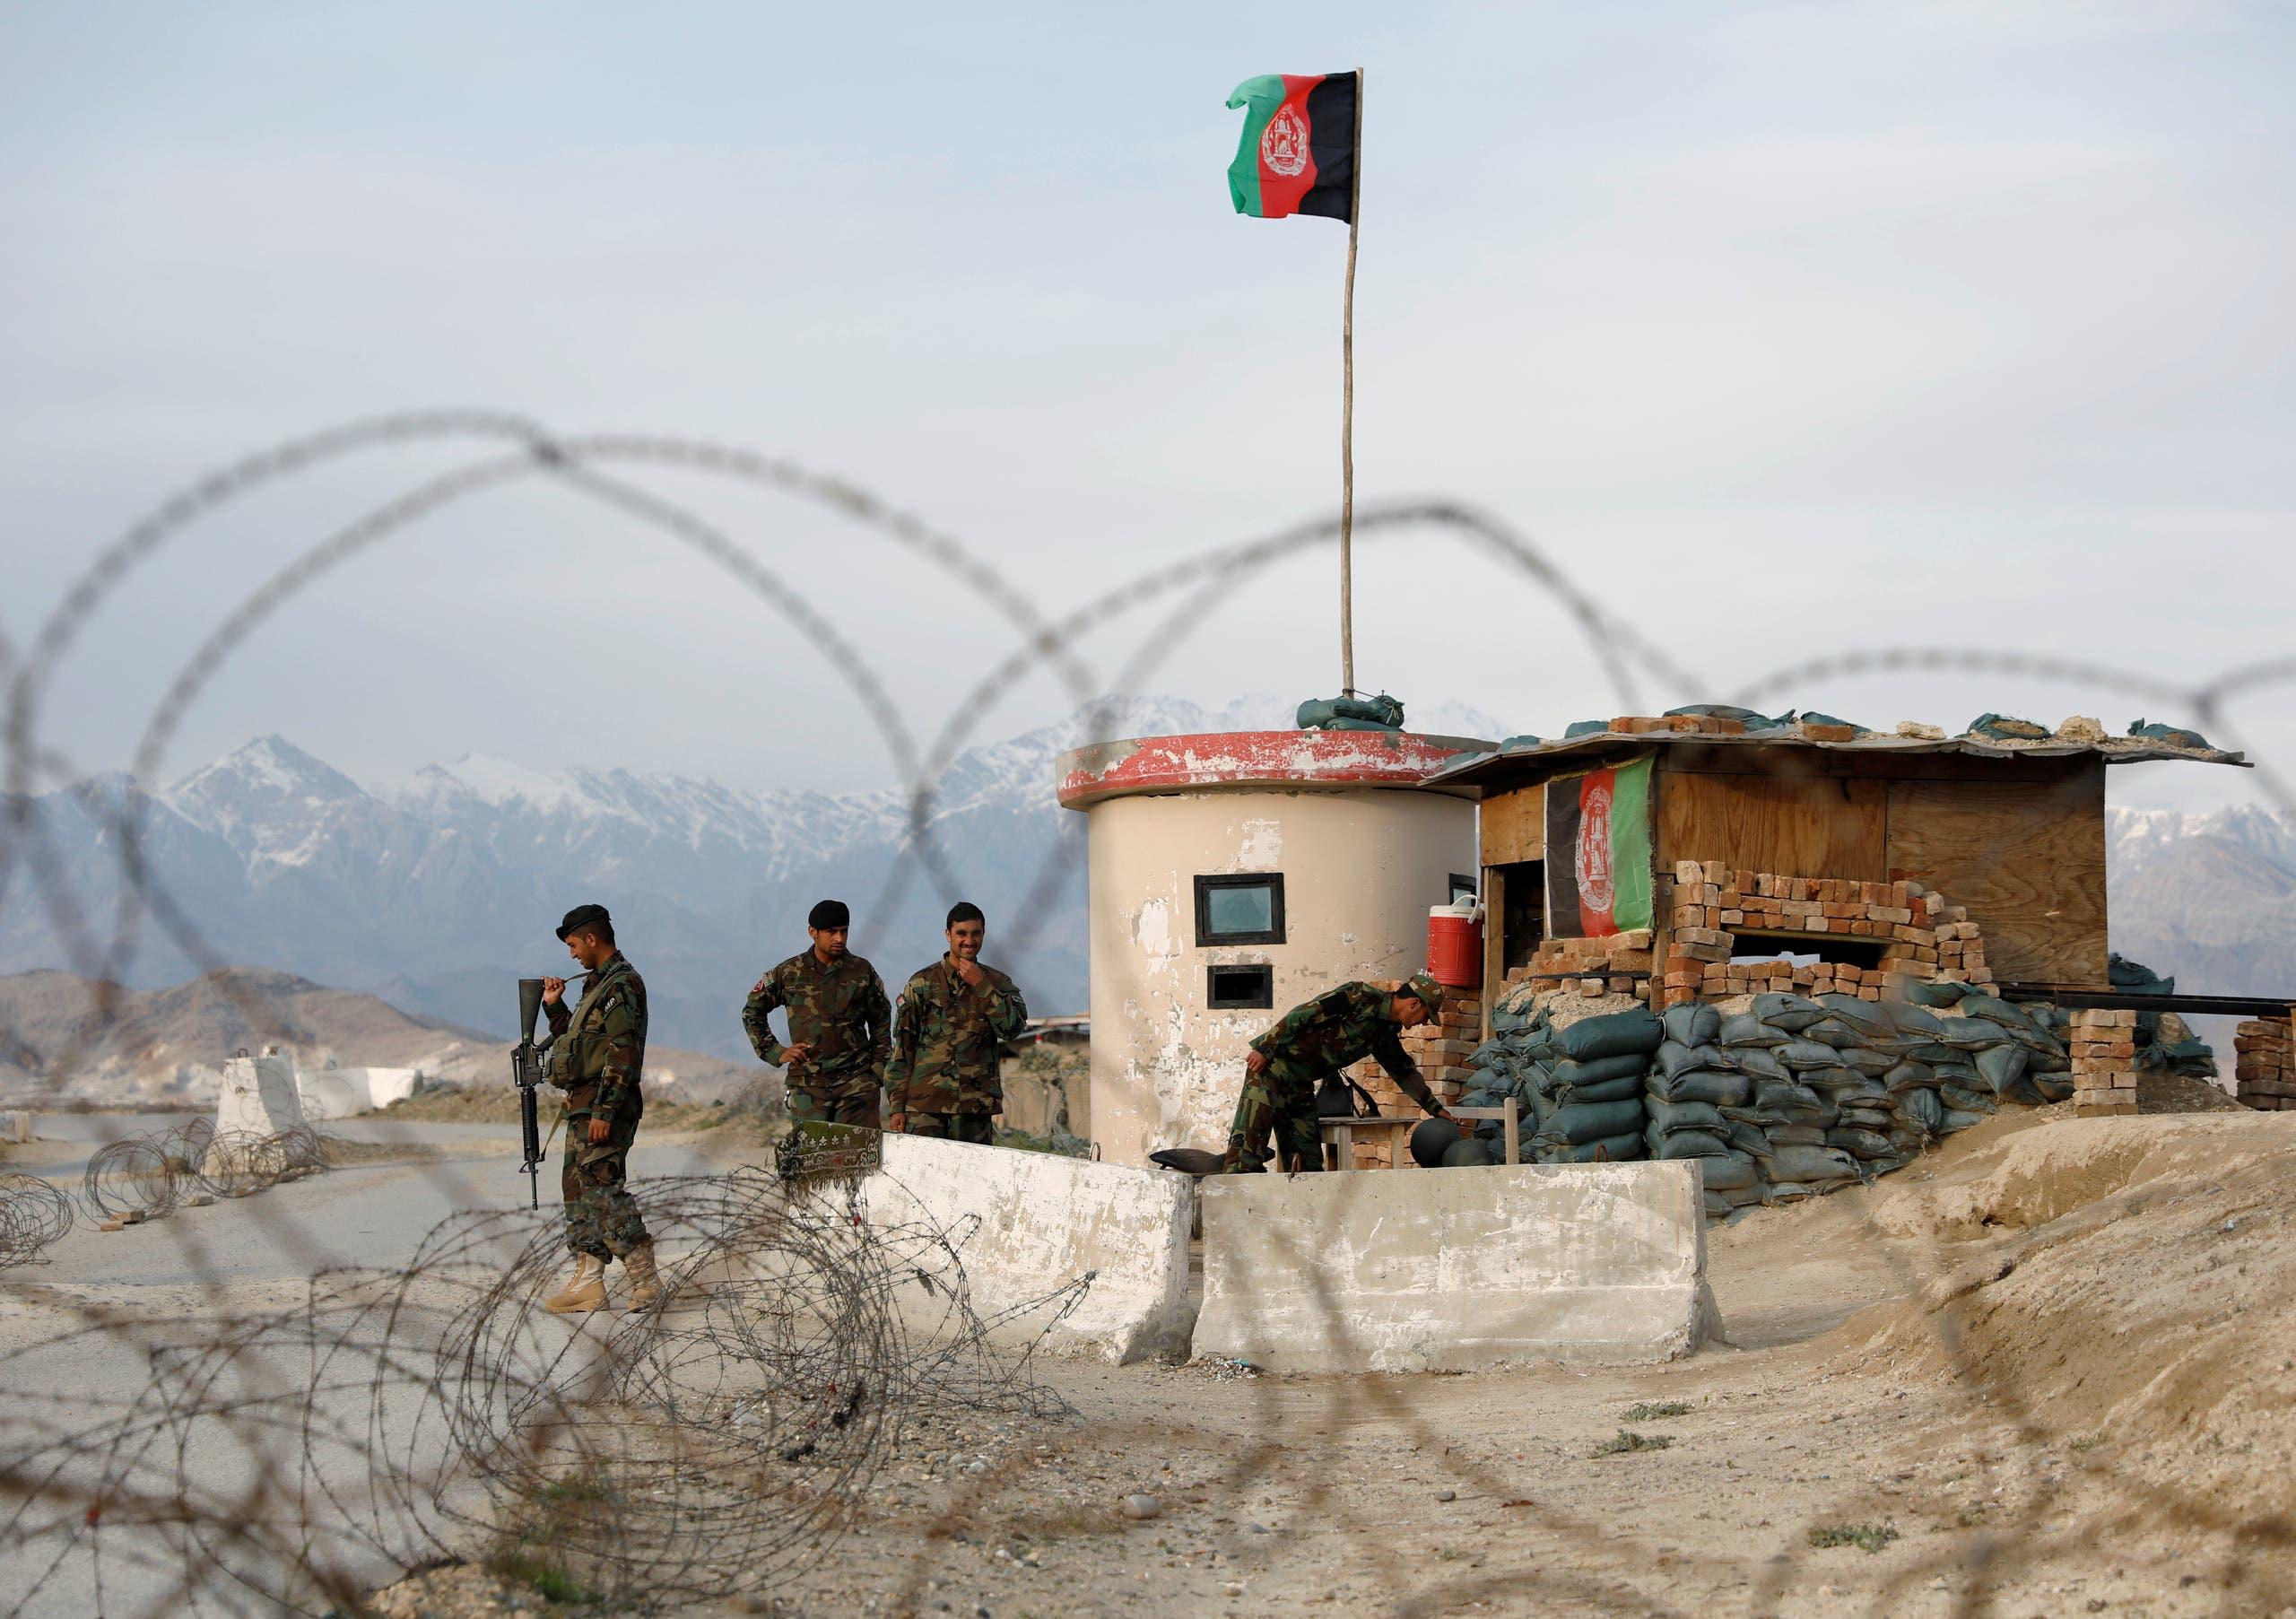 نقطة عسكرية للجيش الأفغاني (رويترز)